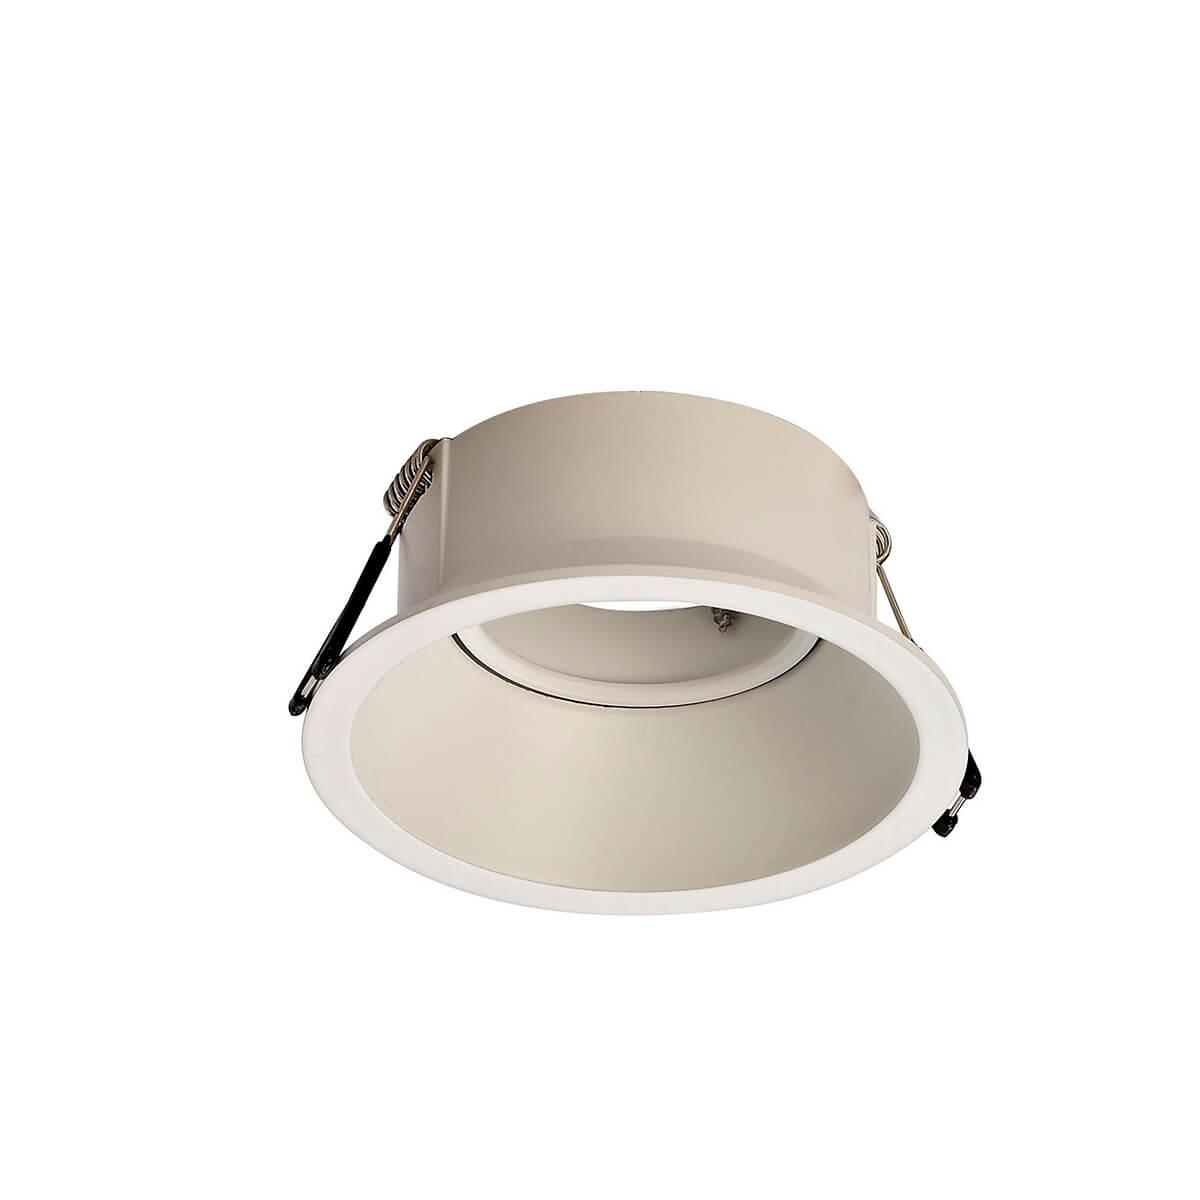 Встраиваемый светильник Mantra Comfort C0160 встраиваемый светильник mantra c0160